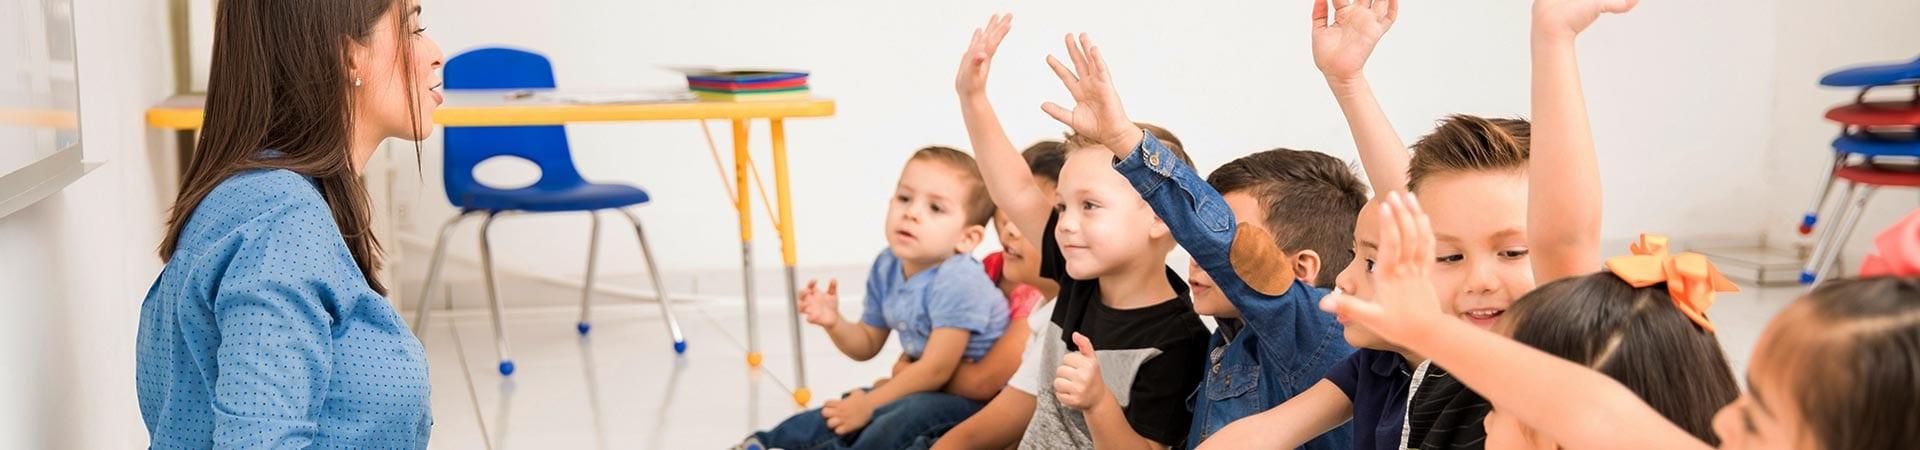 Preschool Programs Kiddi Kollege